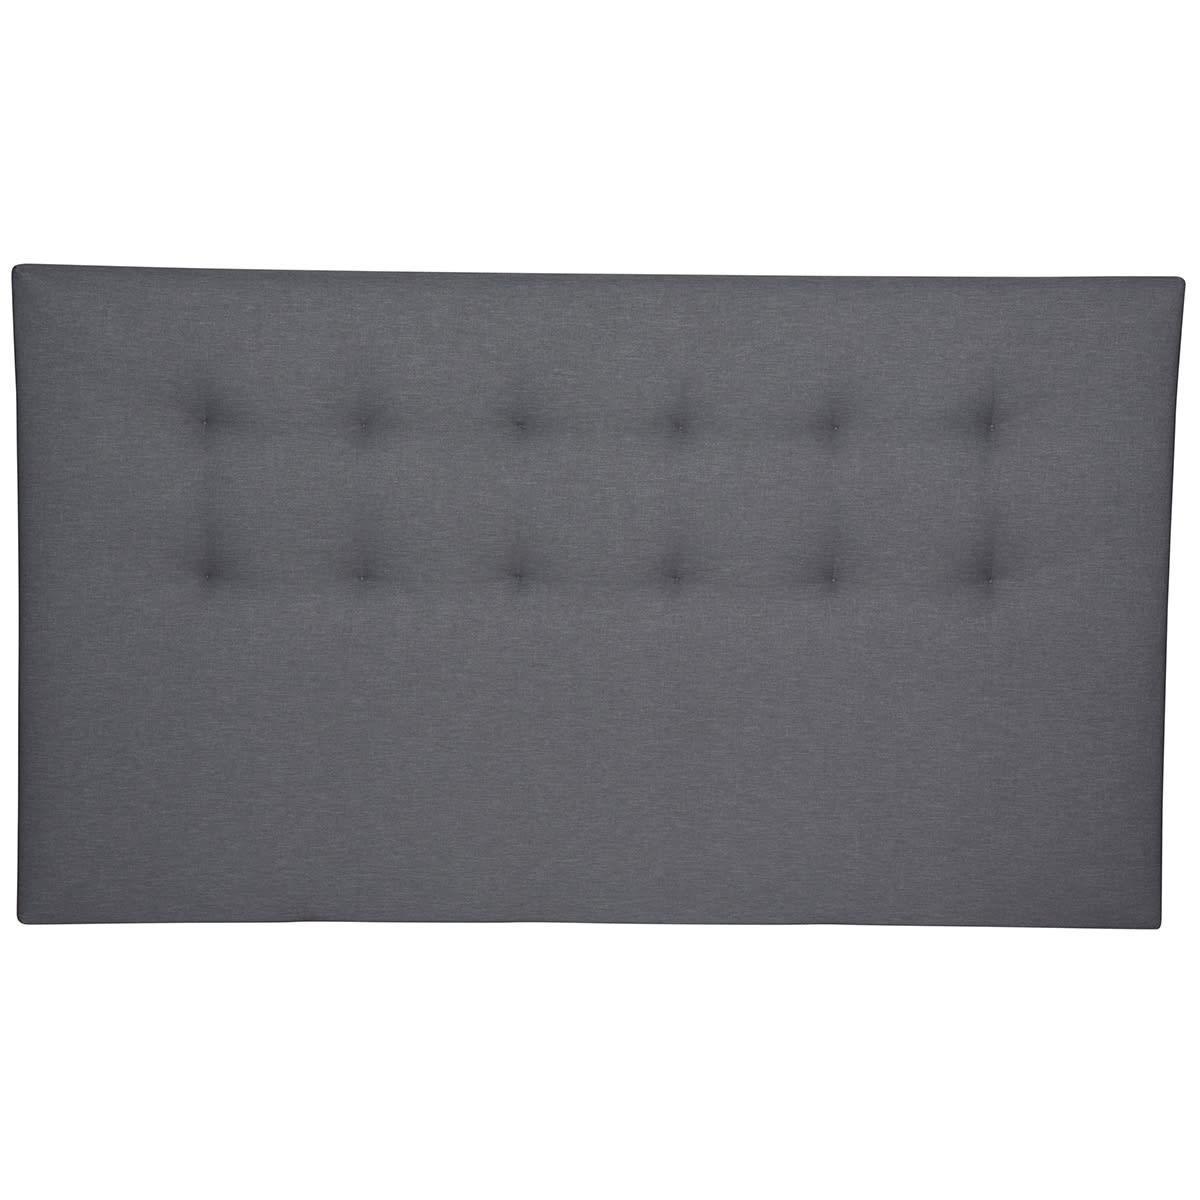 140 cm - Passer til De Lux Superior og De Lux Natural senge